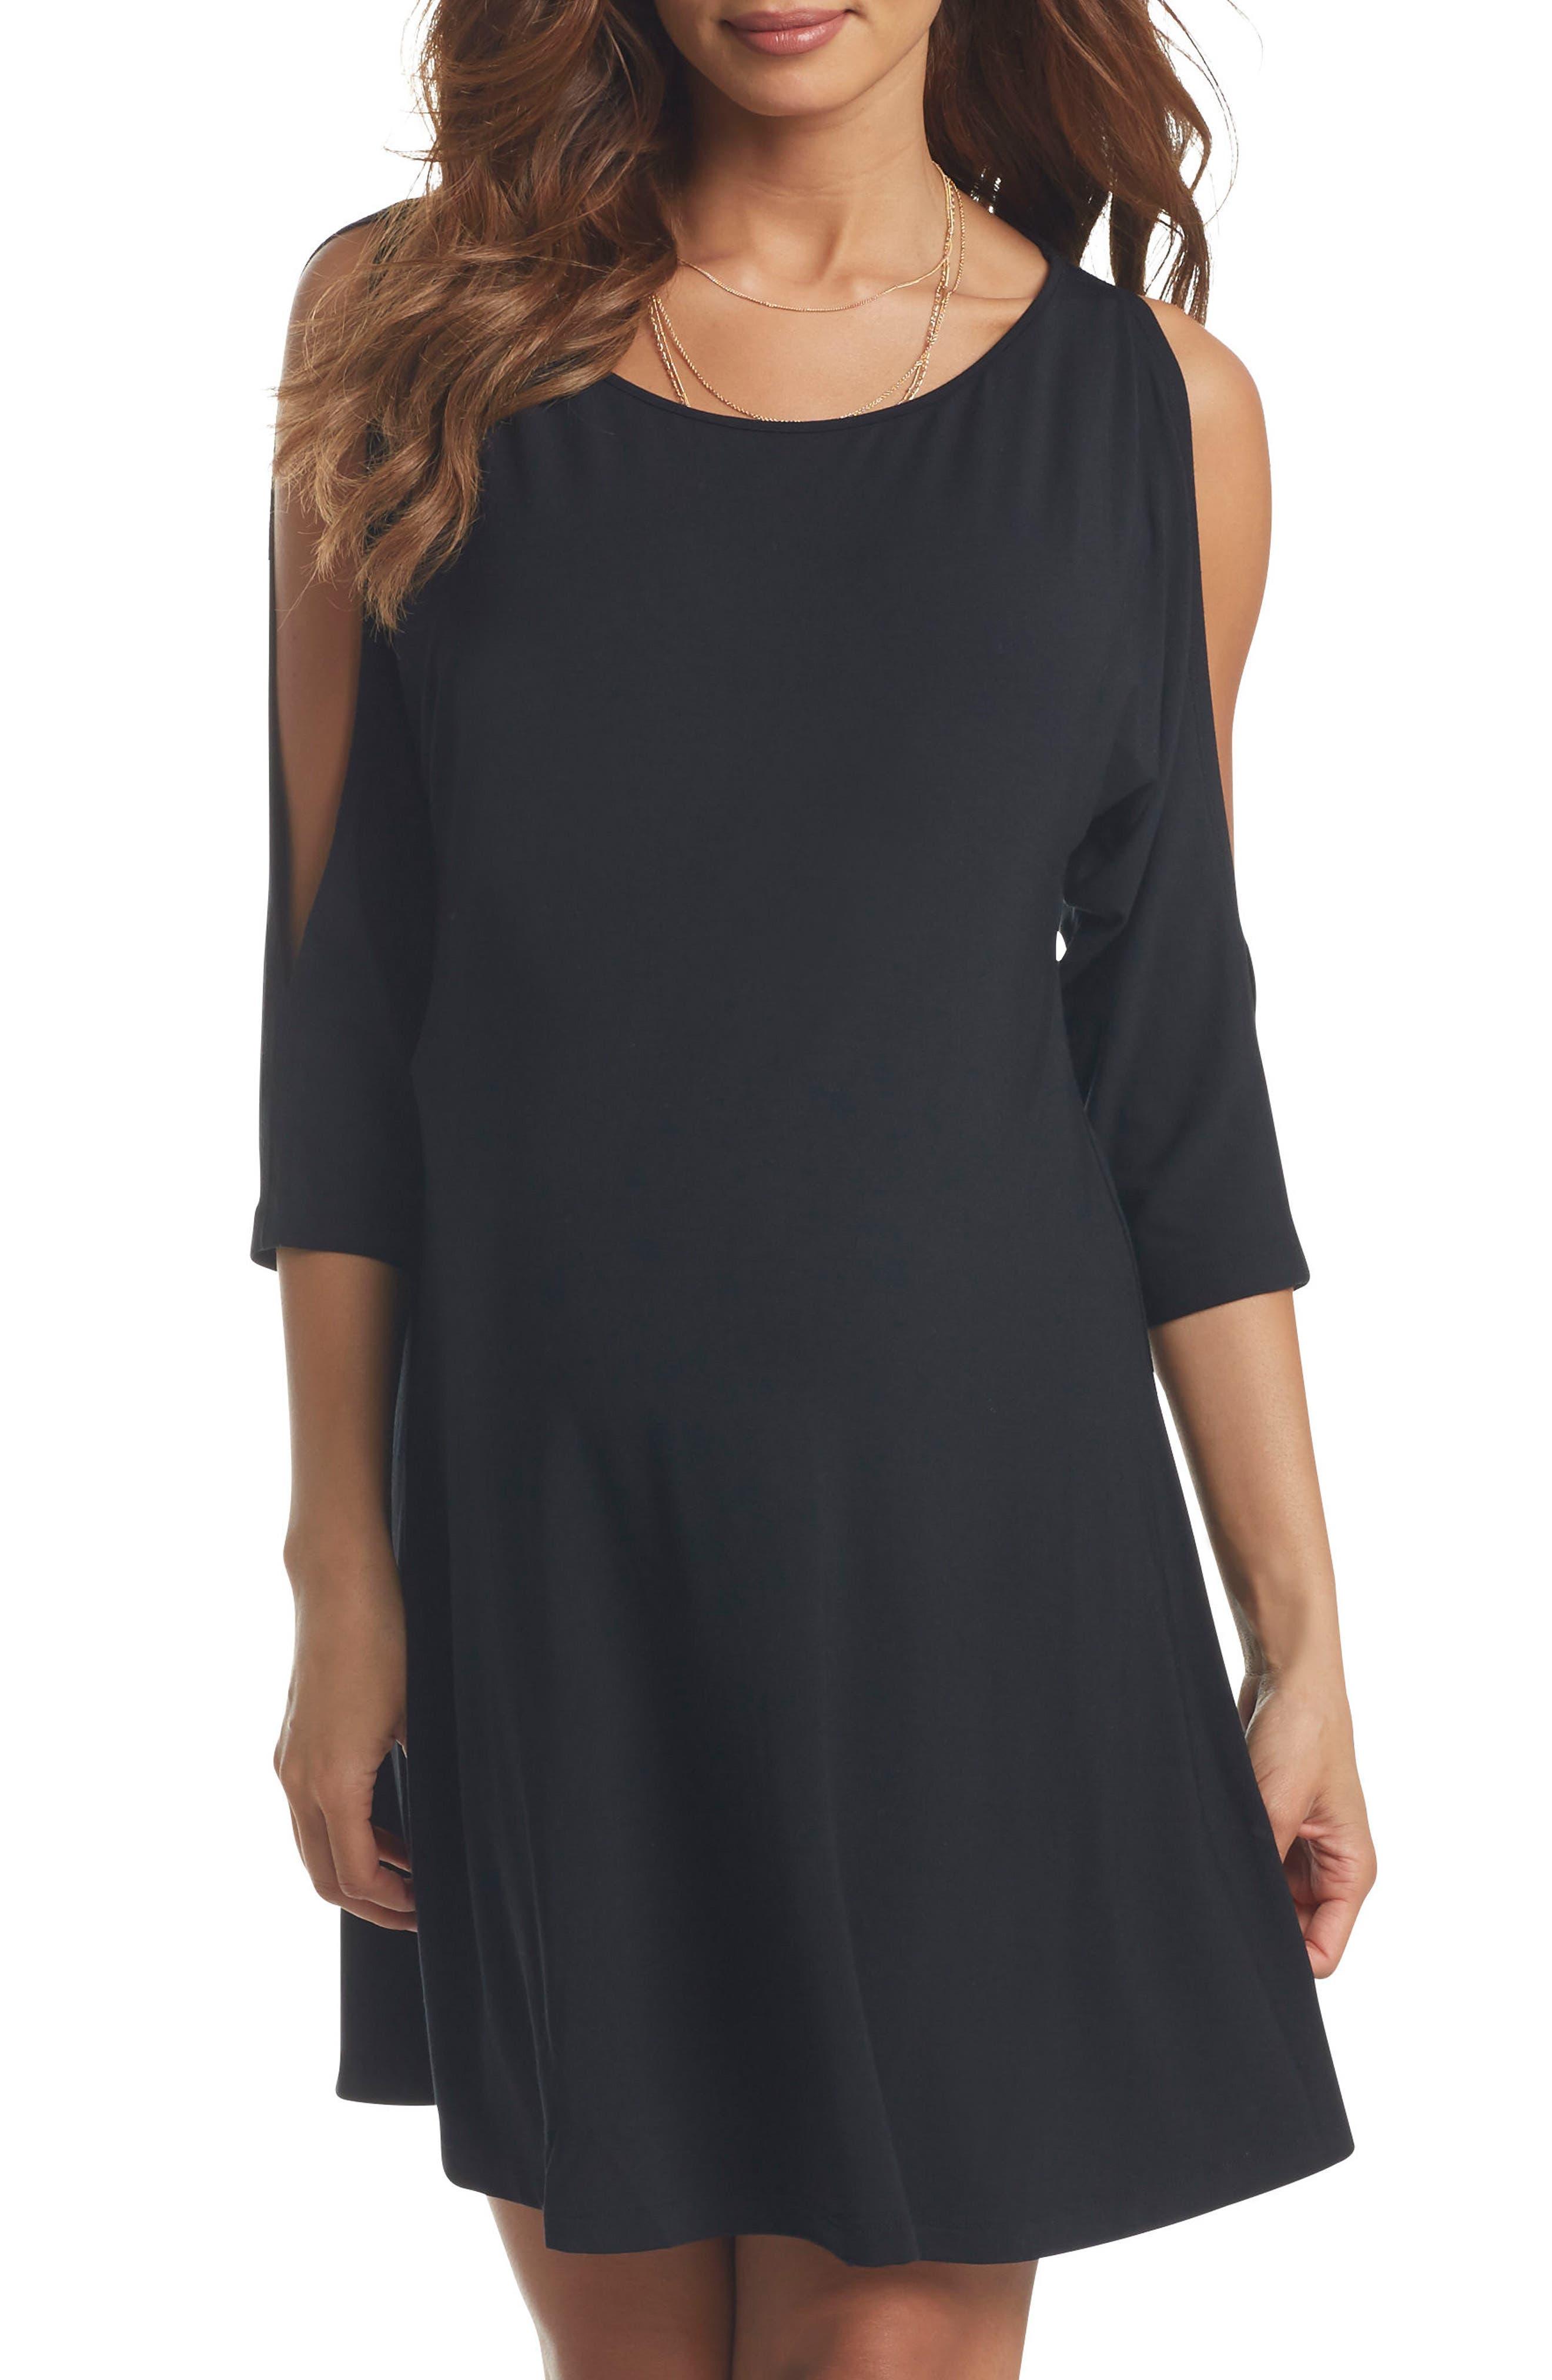 Naya Cold Shoulder Maternity Dress,                         Main,                         color, BLACK